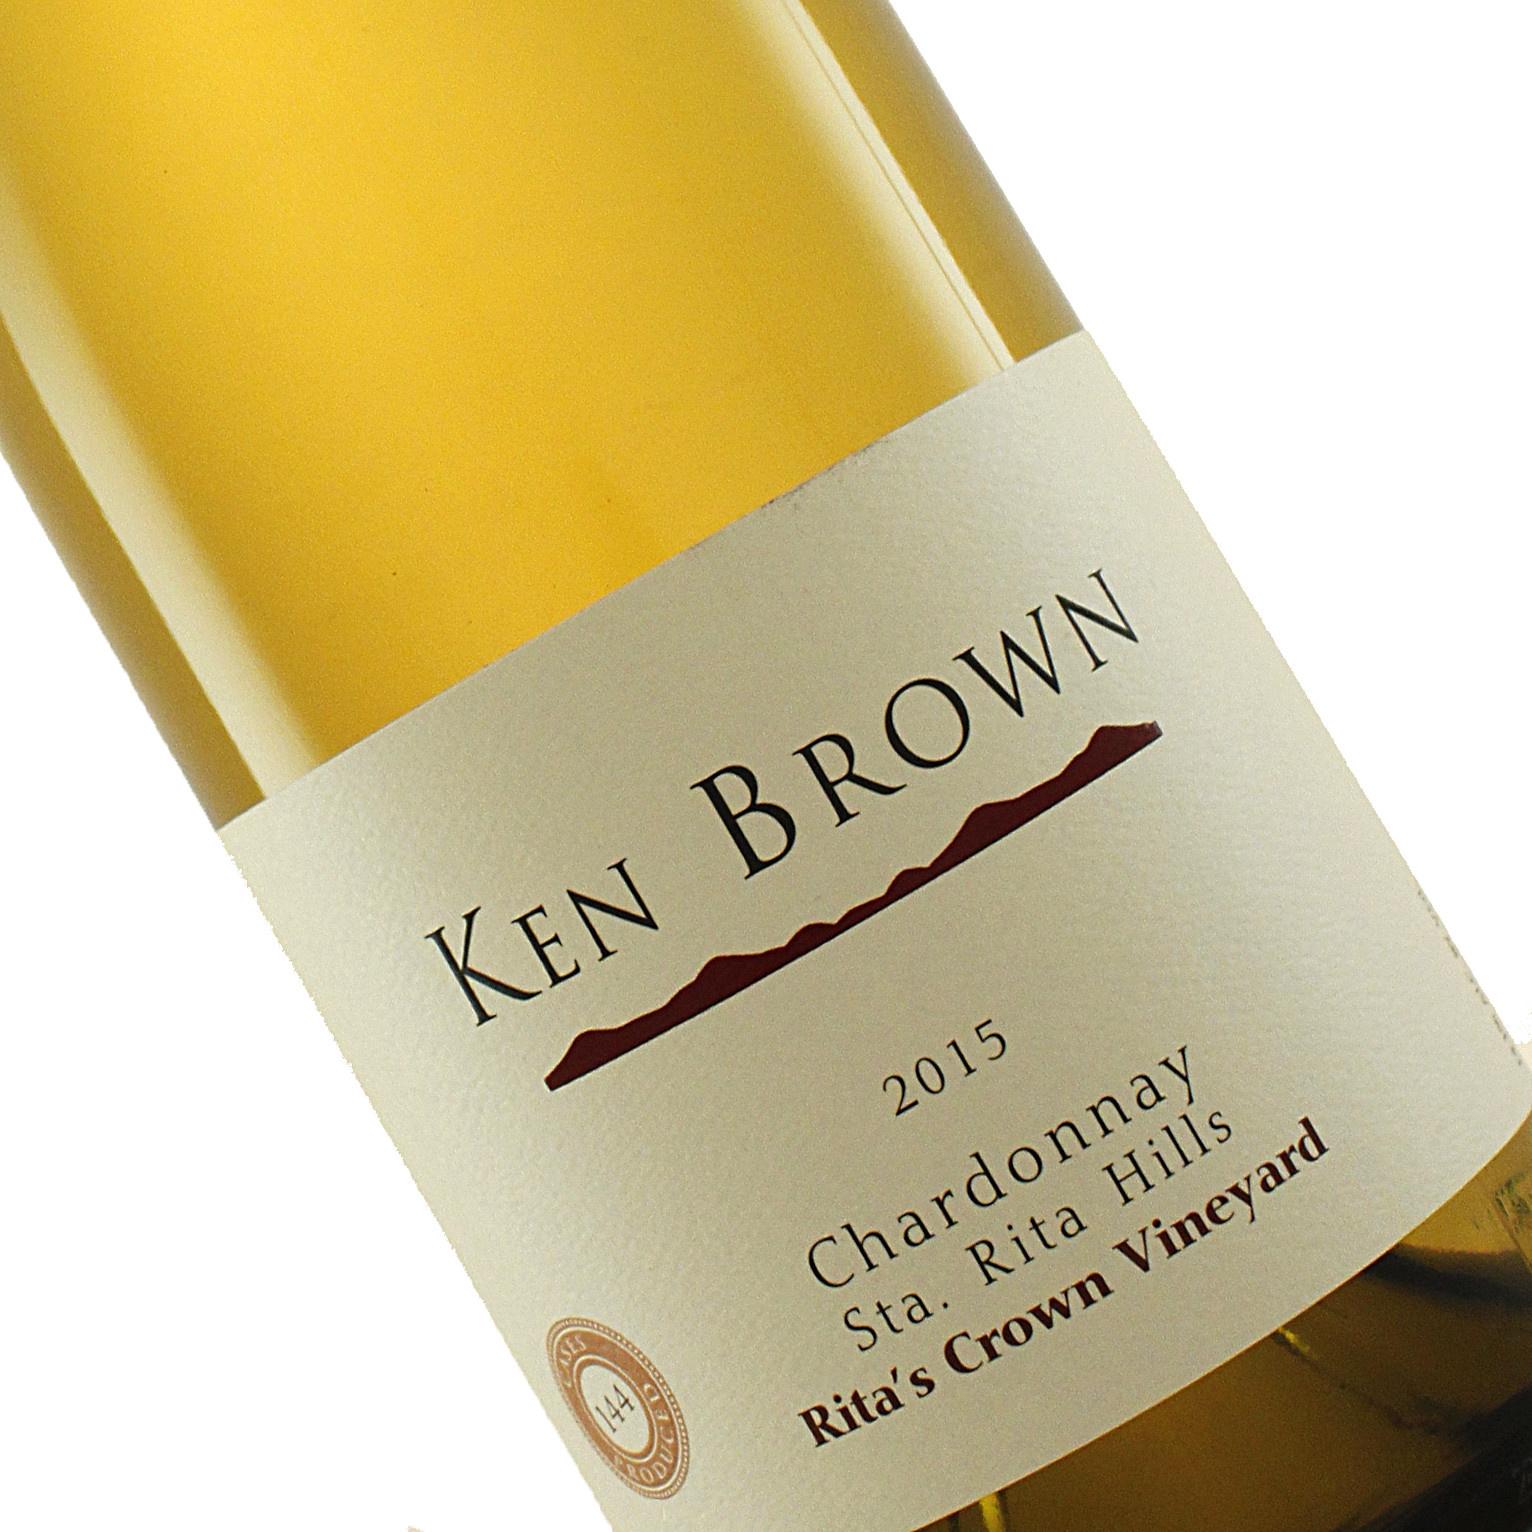 Ken Brown 2015 Chardonnay Rita's Crown Vineyard, Sta. Rita Hills